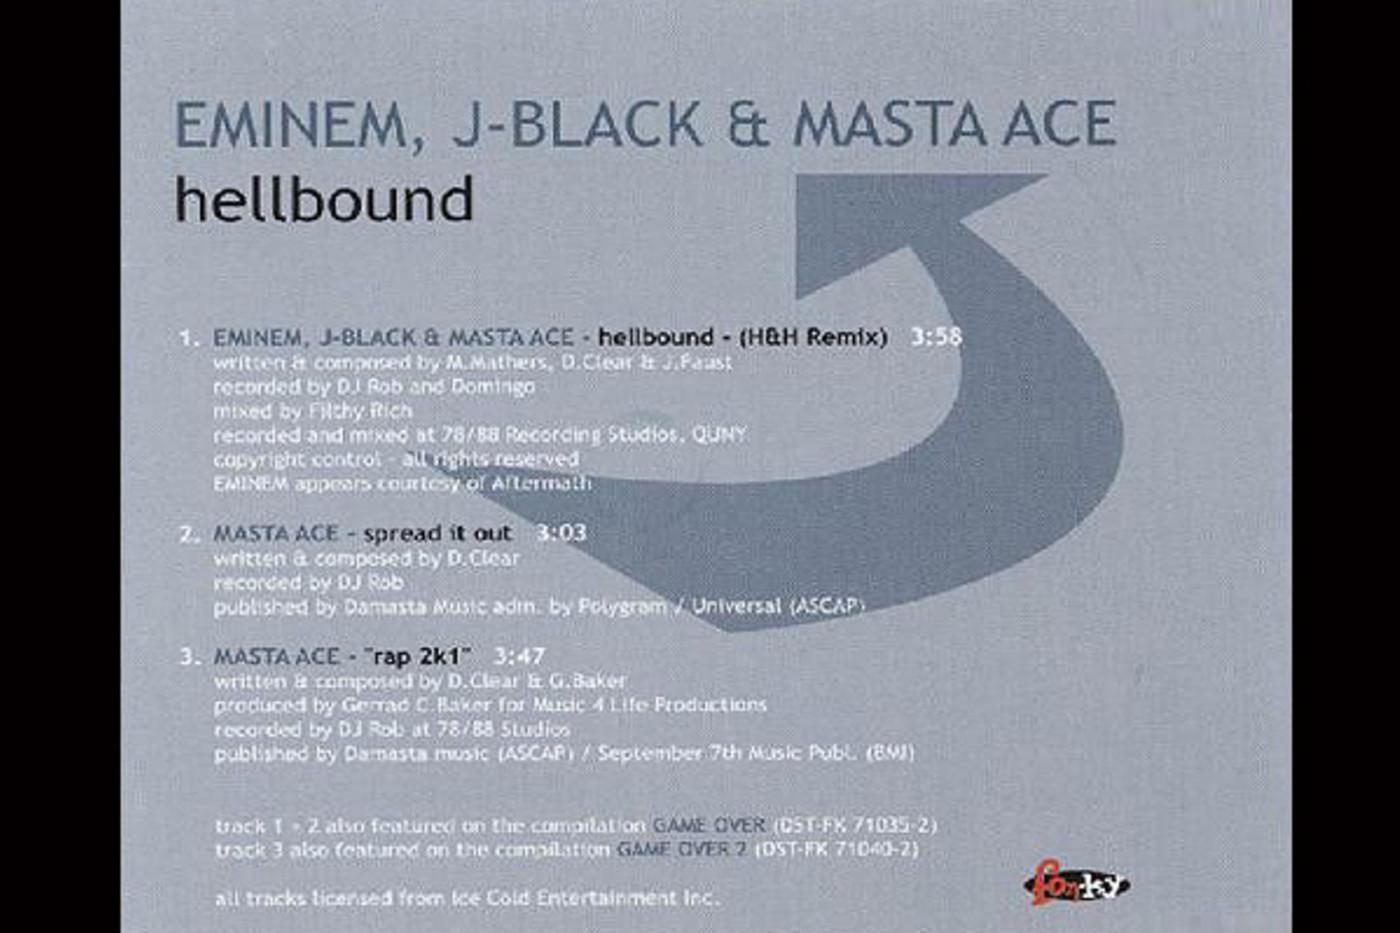 best-eminem-songs-hellbound